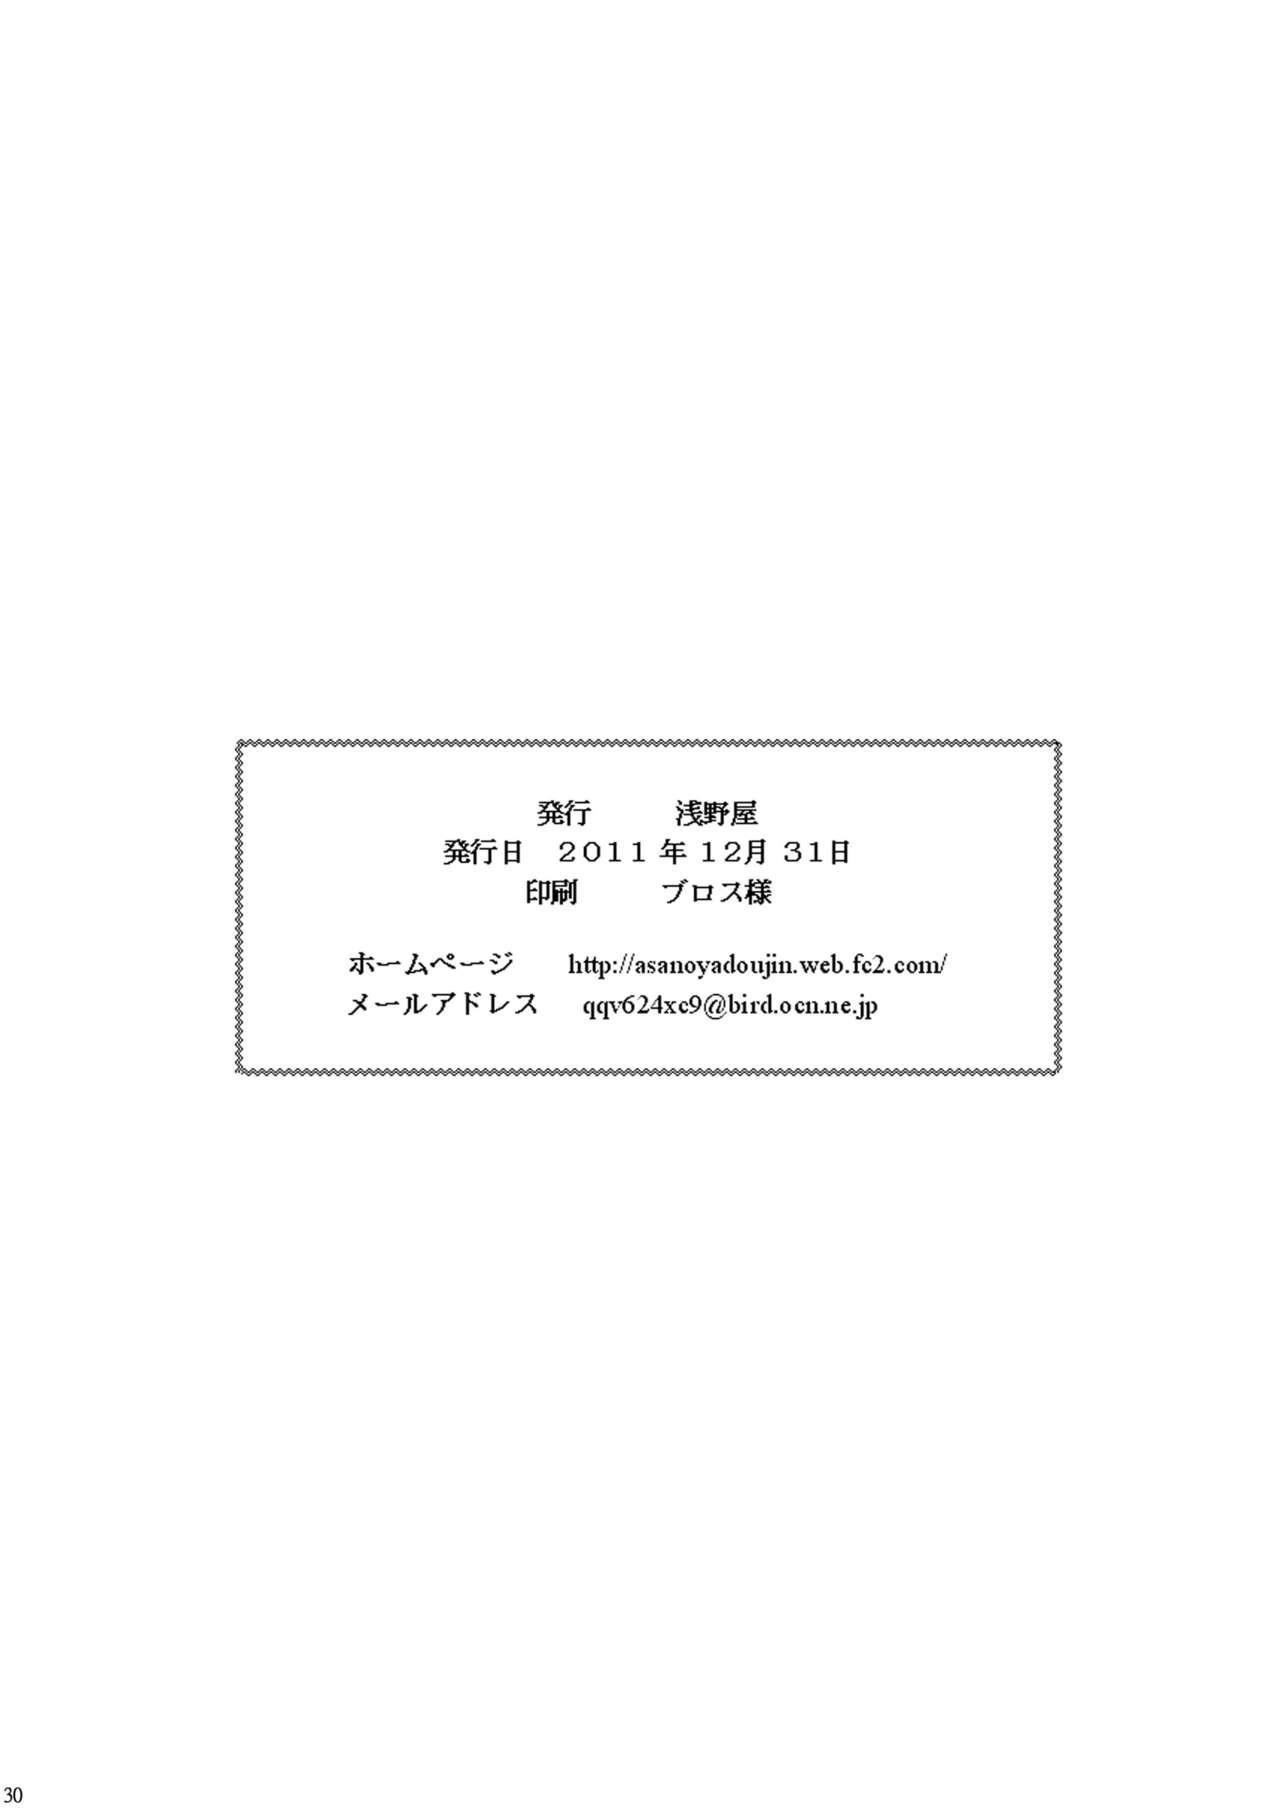 """Otome Kunoichi Monzetsu Goumon Jigoku Emaki - Inran Mode Sono Ni """"Ikaruga Yagyuu Hibari Hen"""" 28"""